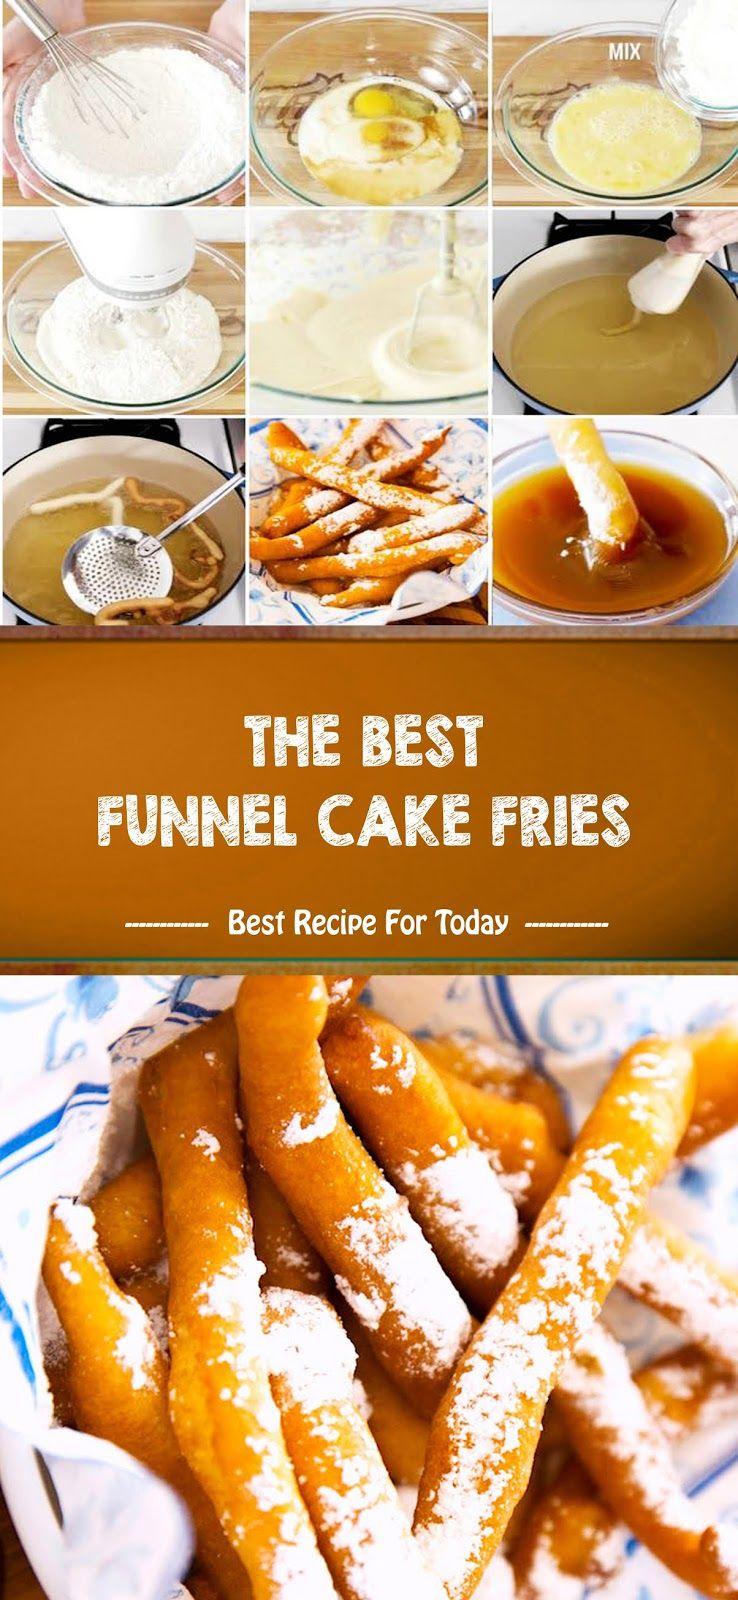 The Best Funnel Cake Fries Recipes Resep Makanan Resep Sederhana Resep Kue